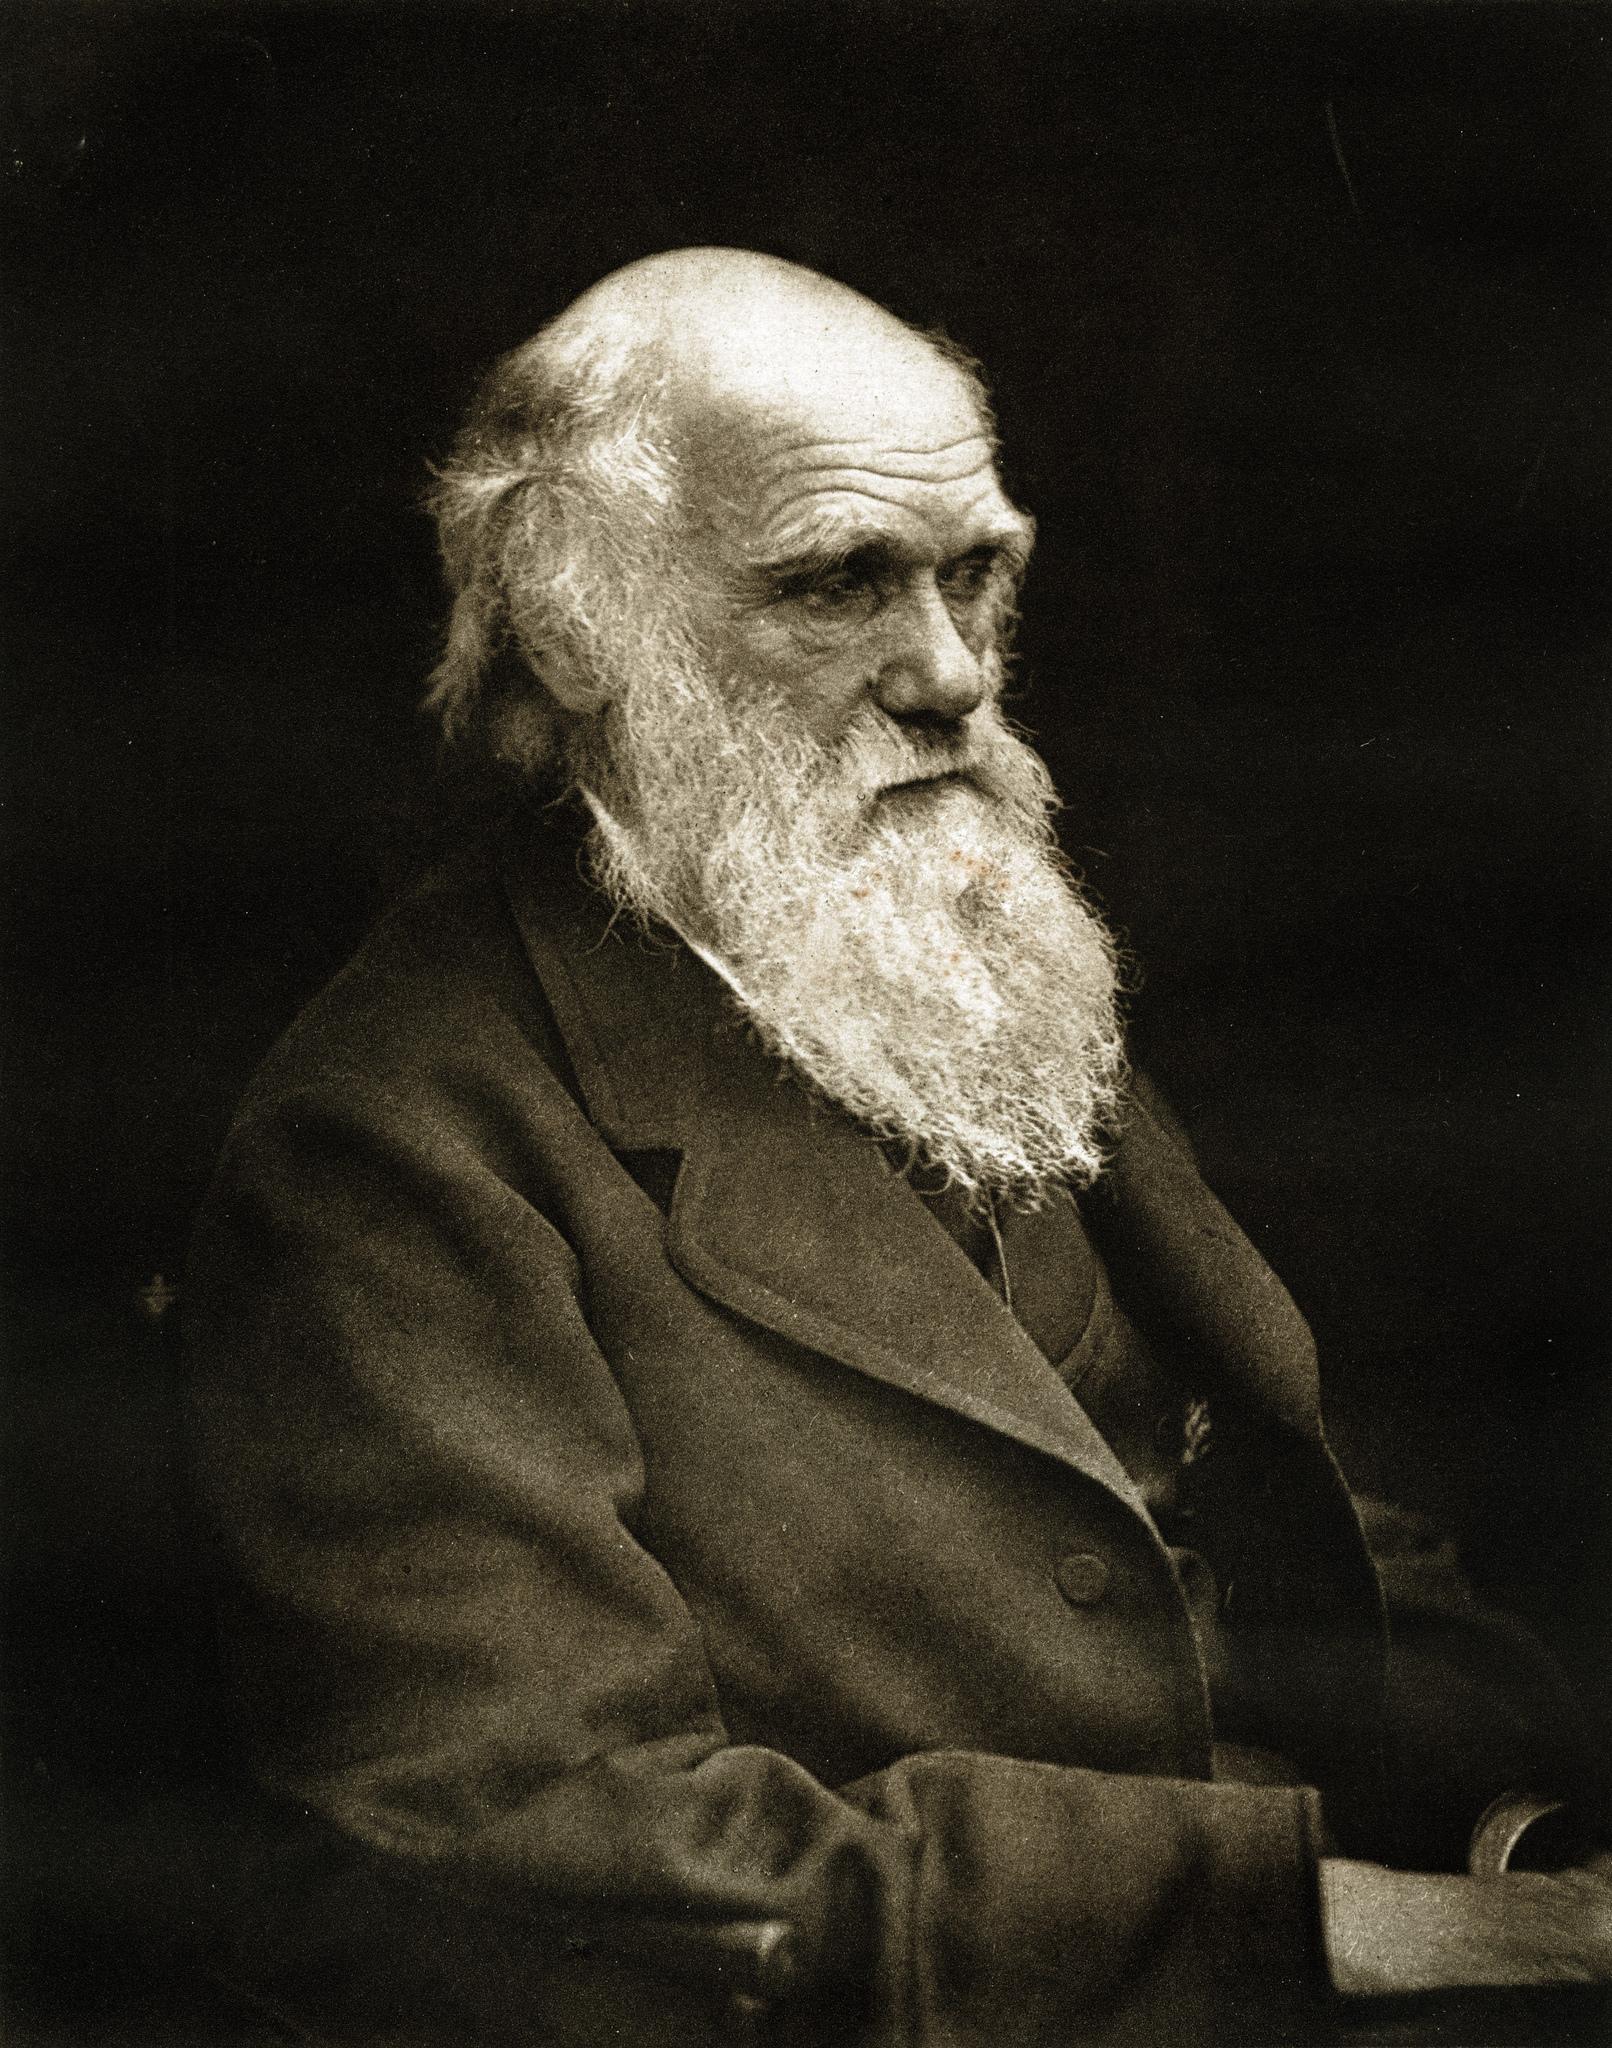 1878. Чарлз Роберт Дарвин (12 февраля 1809 — 19 апреля 1882) — английский натуралист и путешественник